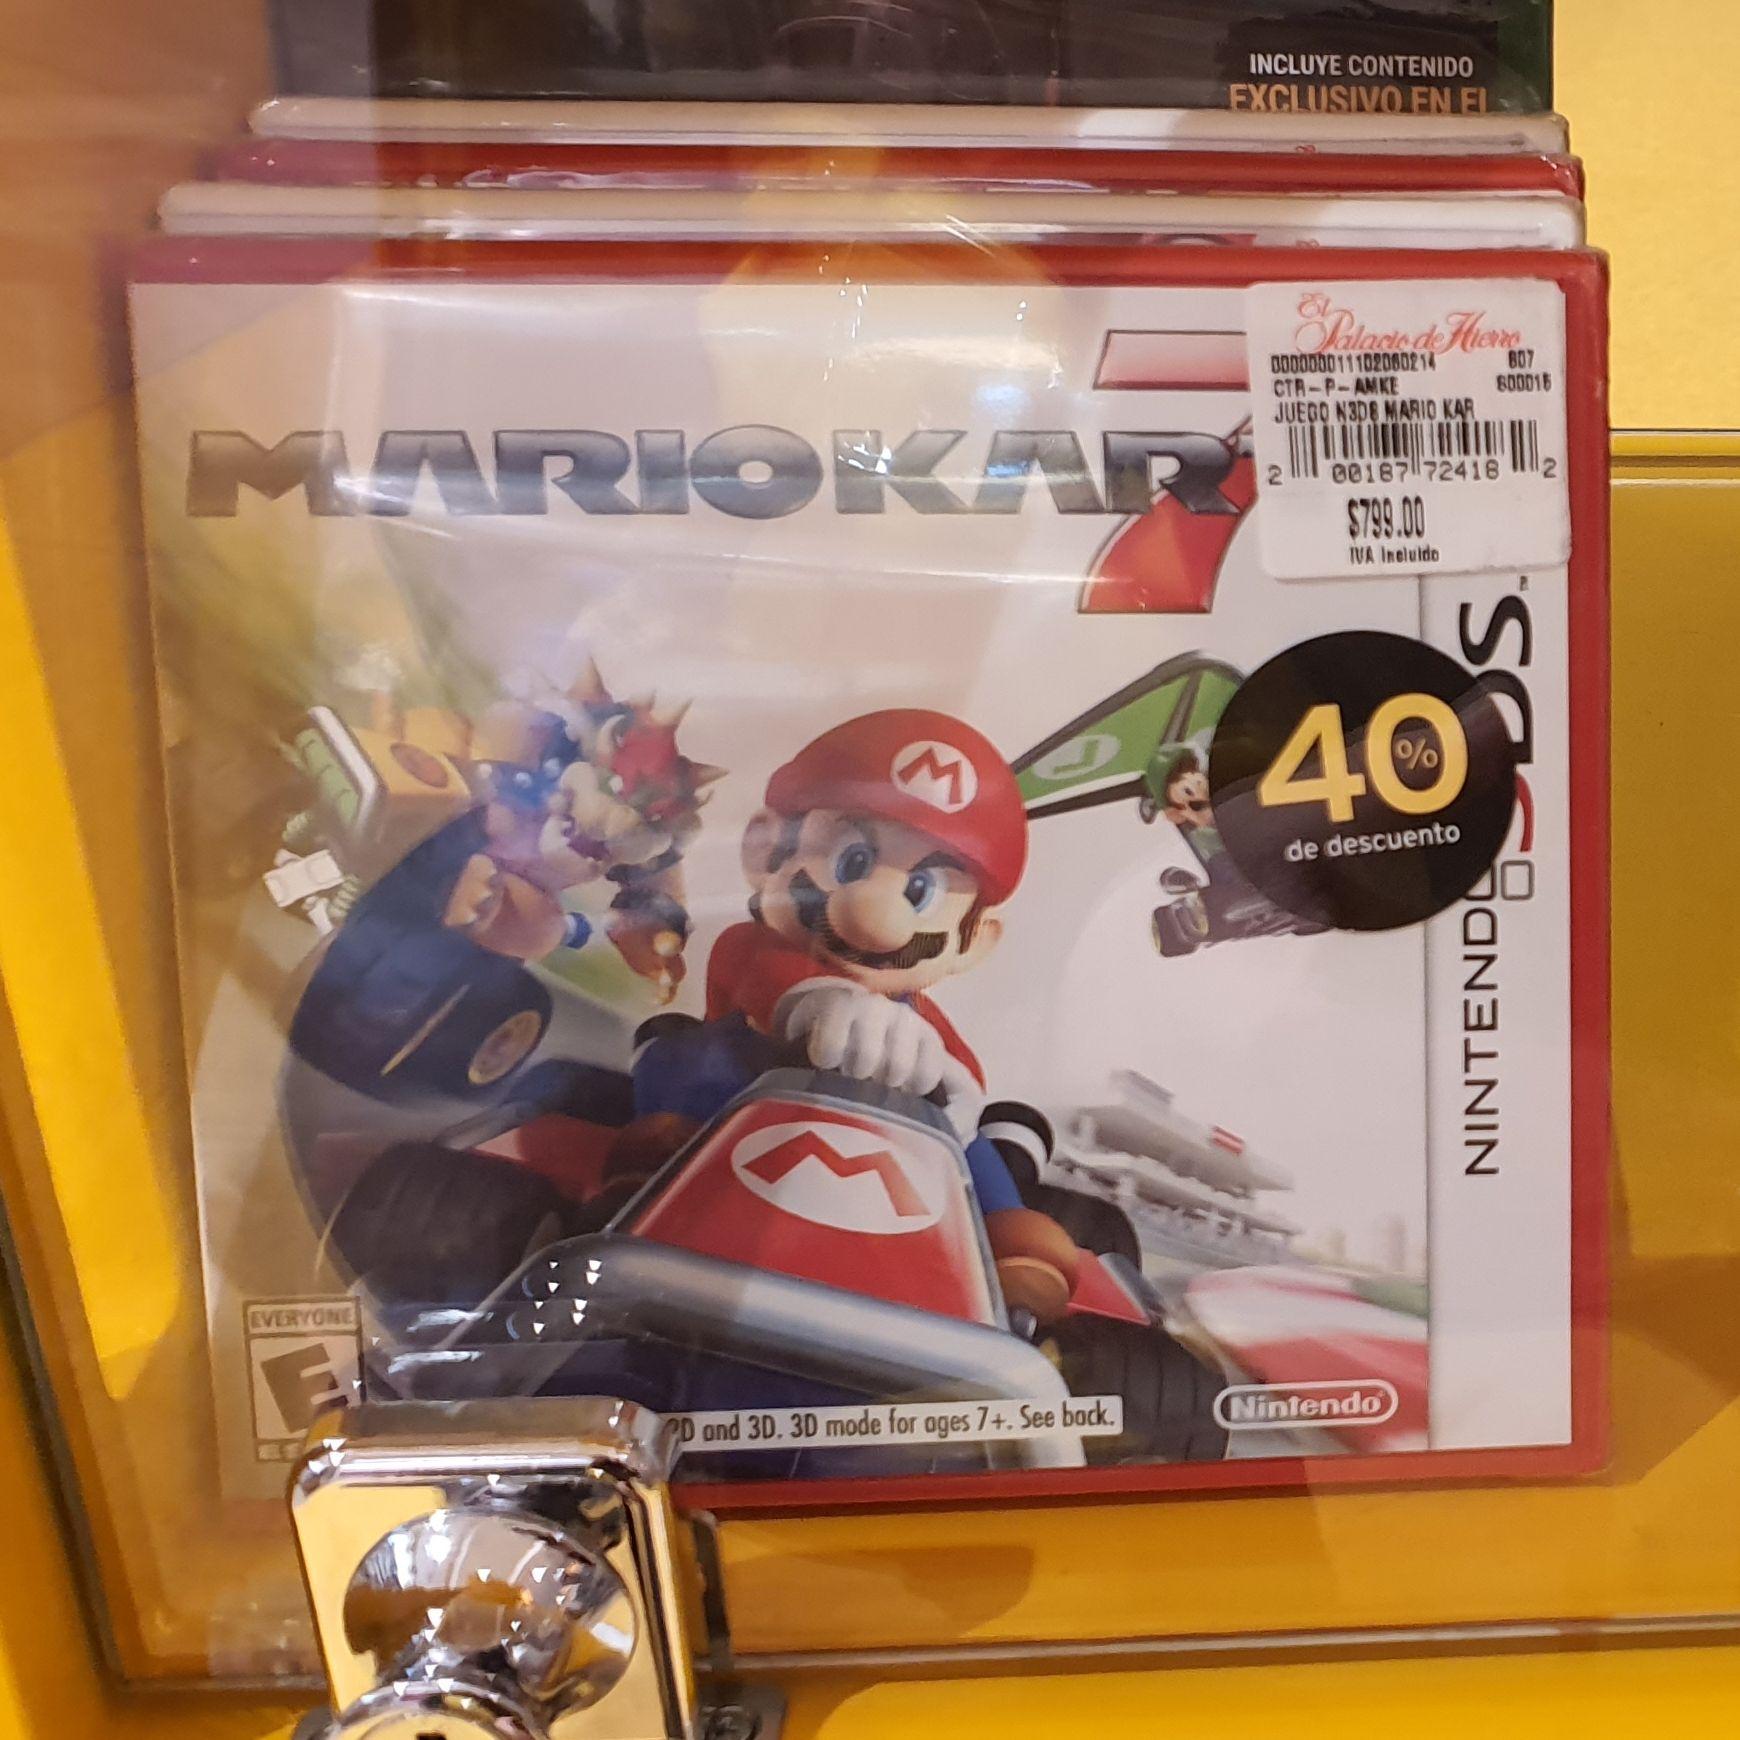 El Palacio de Hierro: Mario Kart 7, Megaman y Kirby's Extra Epic Yarn para Nintendo 3DS